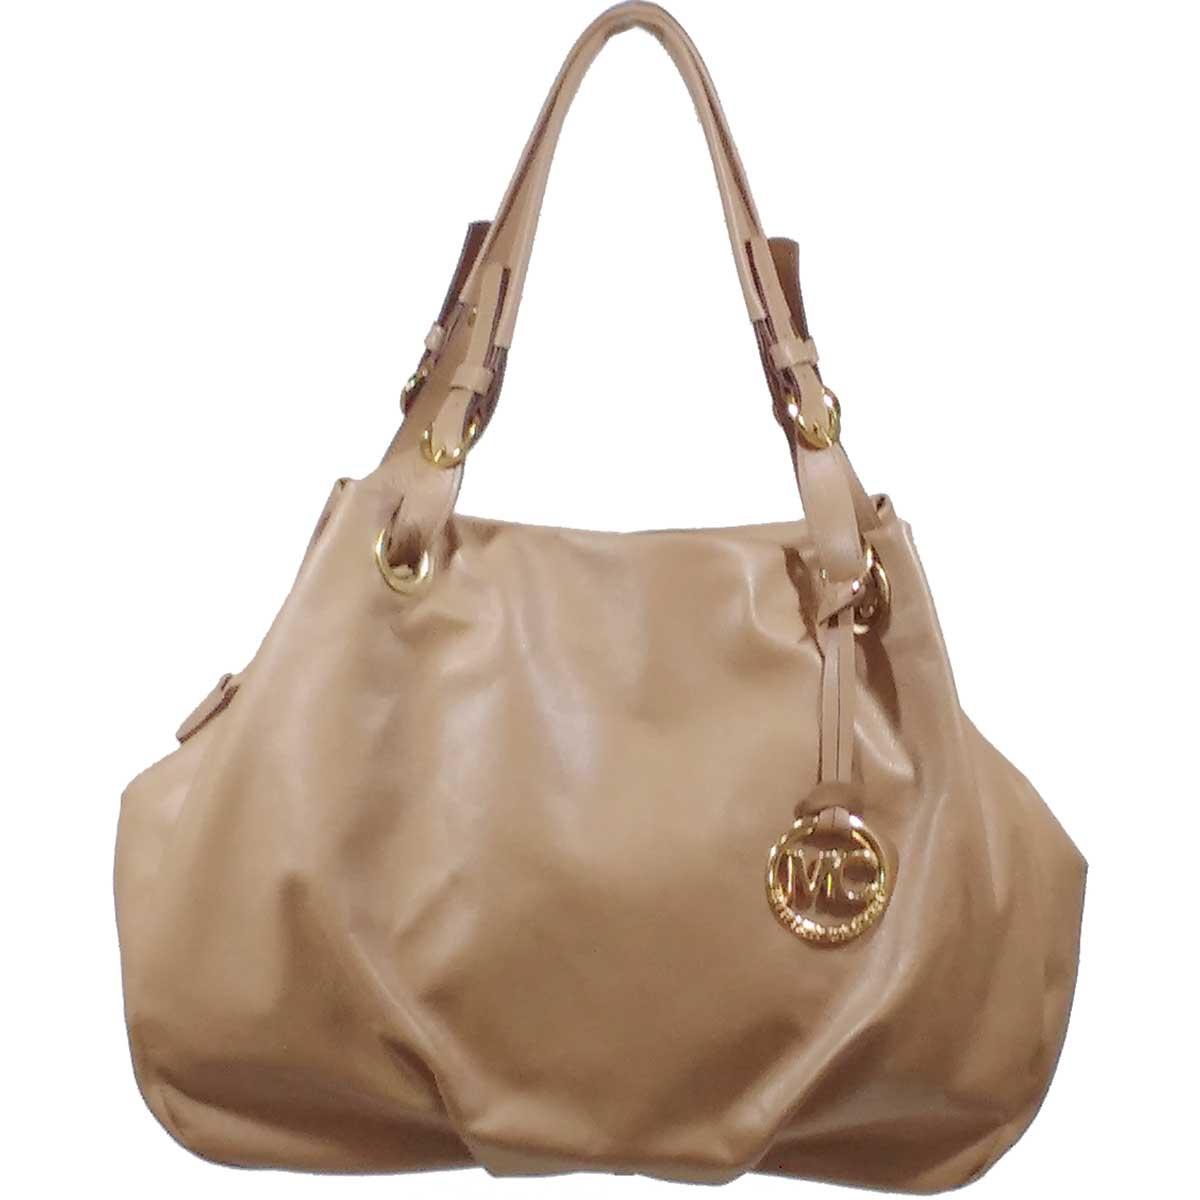 Bolsa Feminina Tipo Saco em Couro Legítimo com Alça Tira Colo Ref.1729 b0feee23f33